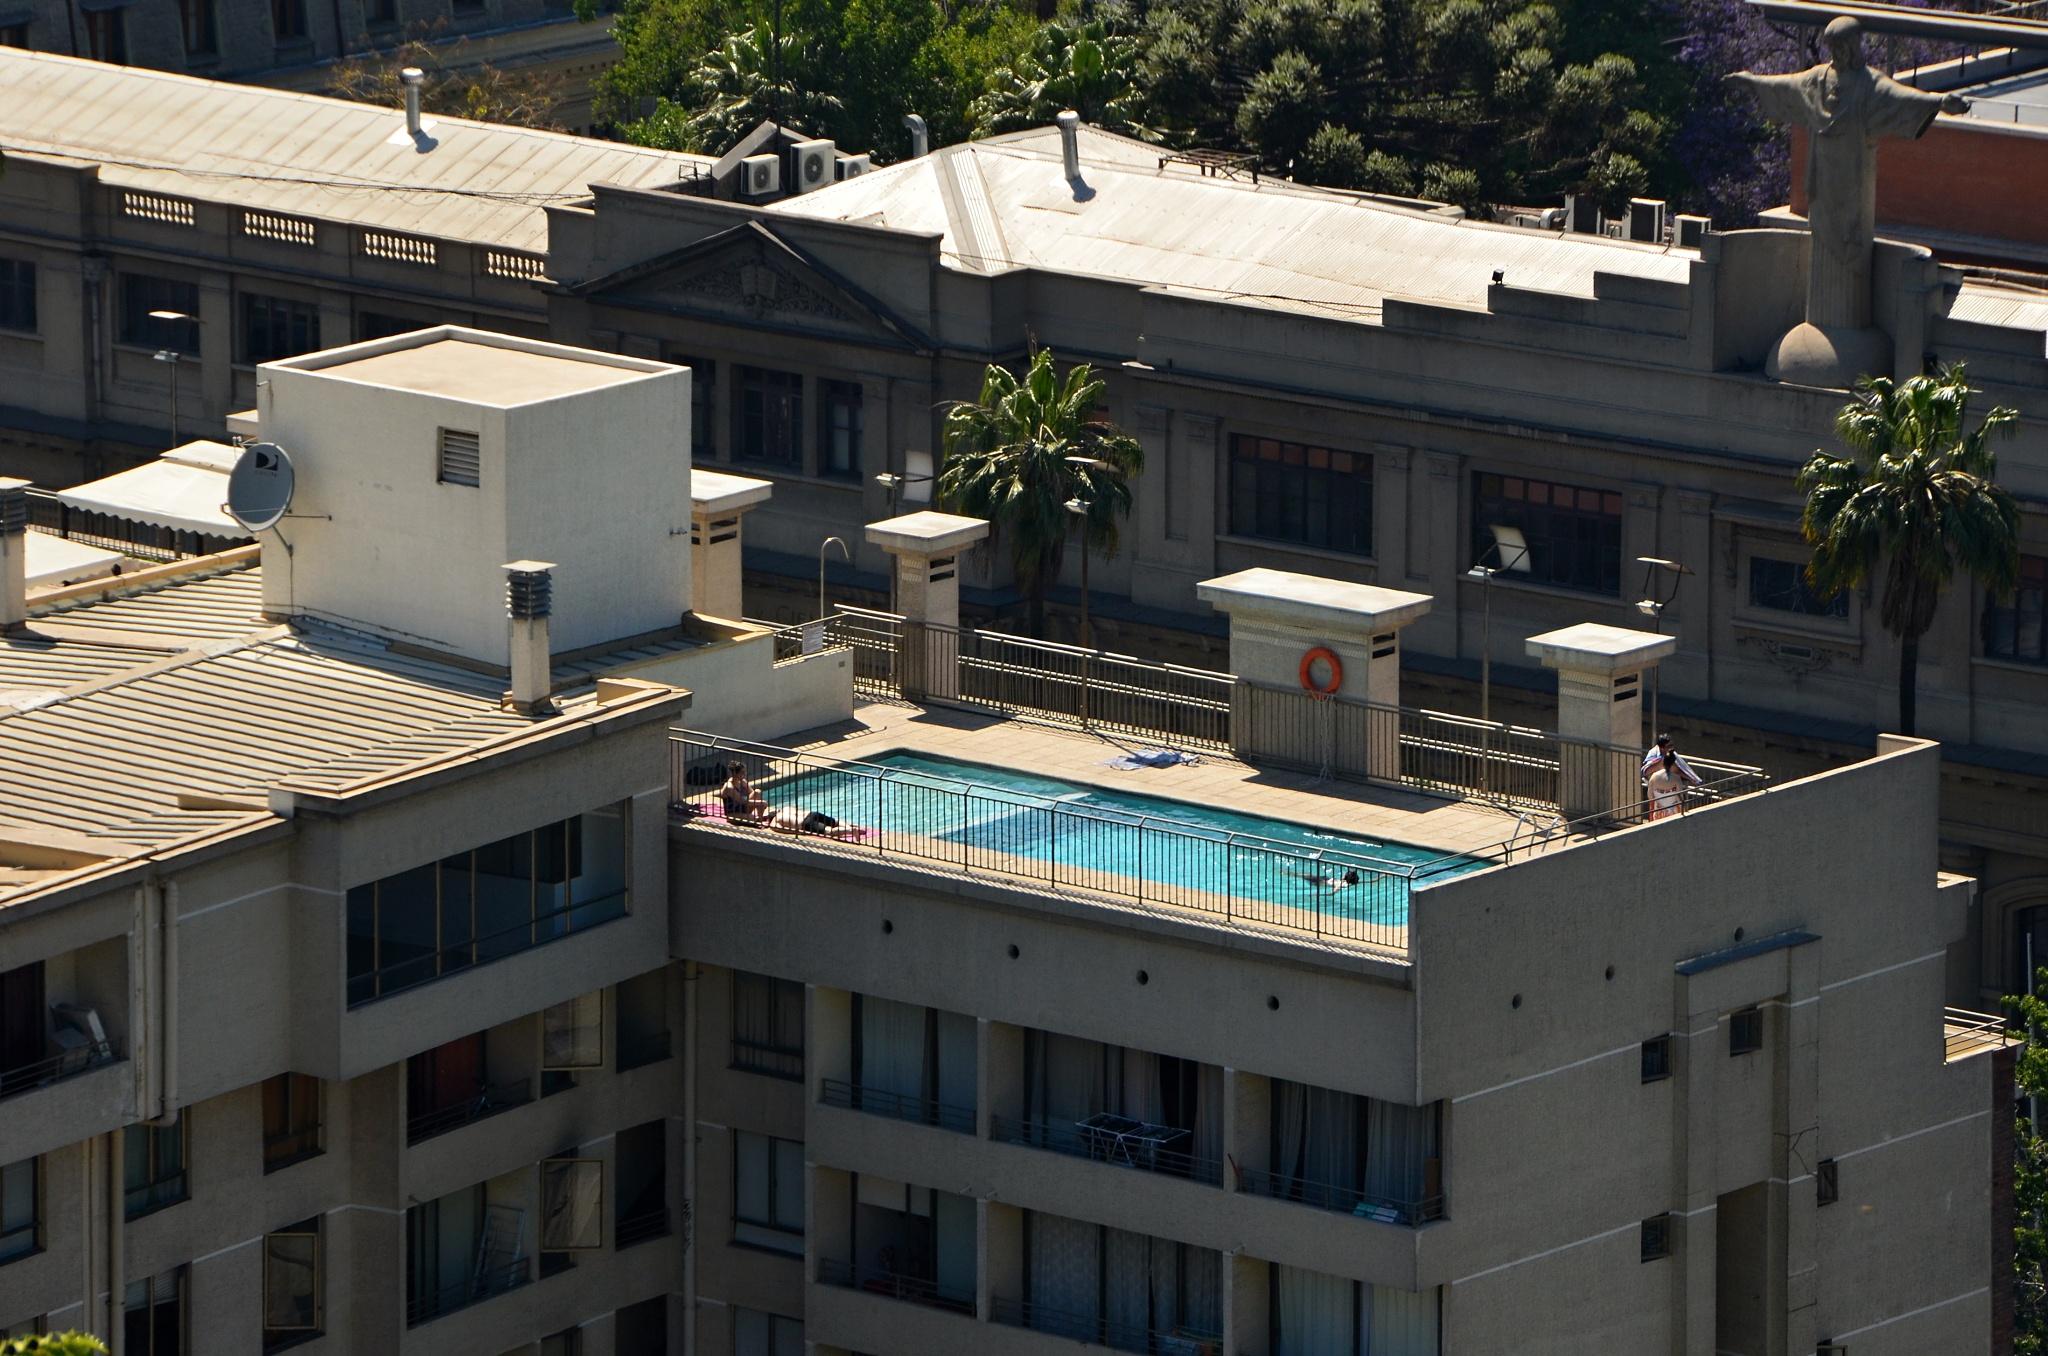 Takový bazének by se nám v dnešním hodně horkém dni hodil